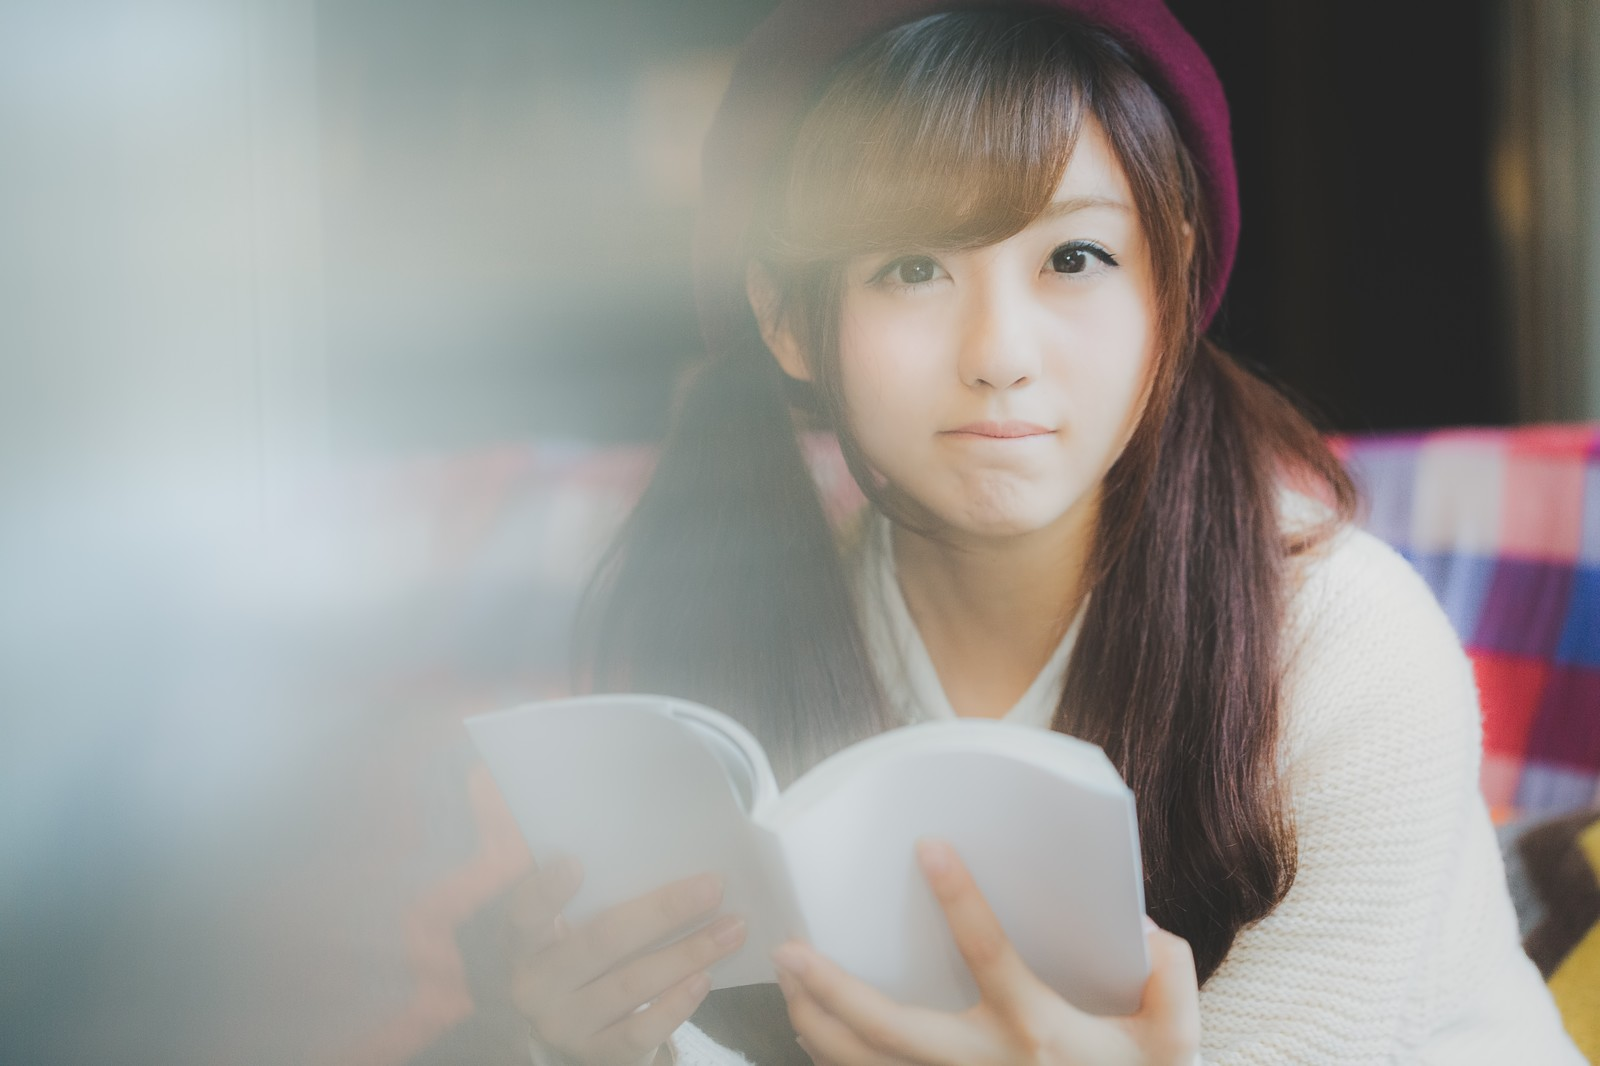 「読書に夢中なあの子と目があった」の写真[モデル:河村友歌]